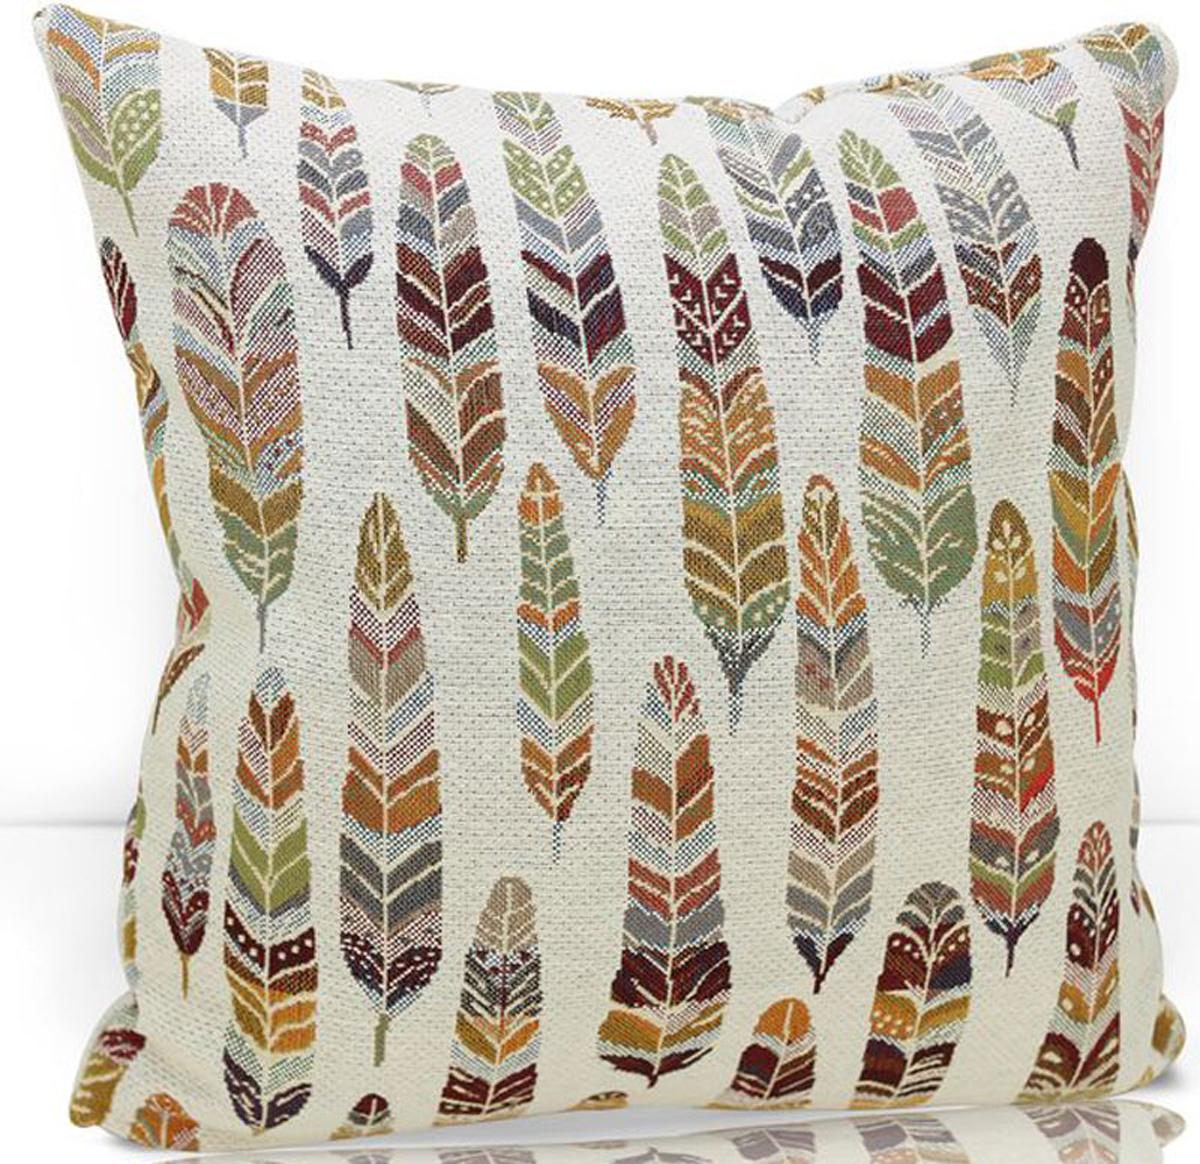 """Декоративная подушка """"KauffOrt """" прекрасно дополнит интерьер спальни или гостиной. Чехол  подушки выполнен из жаккарда (45% хлопок, 55% полиэстер). Внутри находится мягкий наполнитель.  Чехол легко снимается  благодаря потайной молнии."""